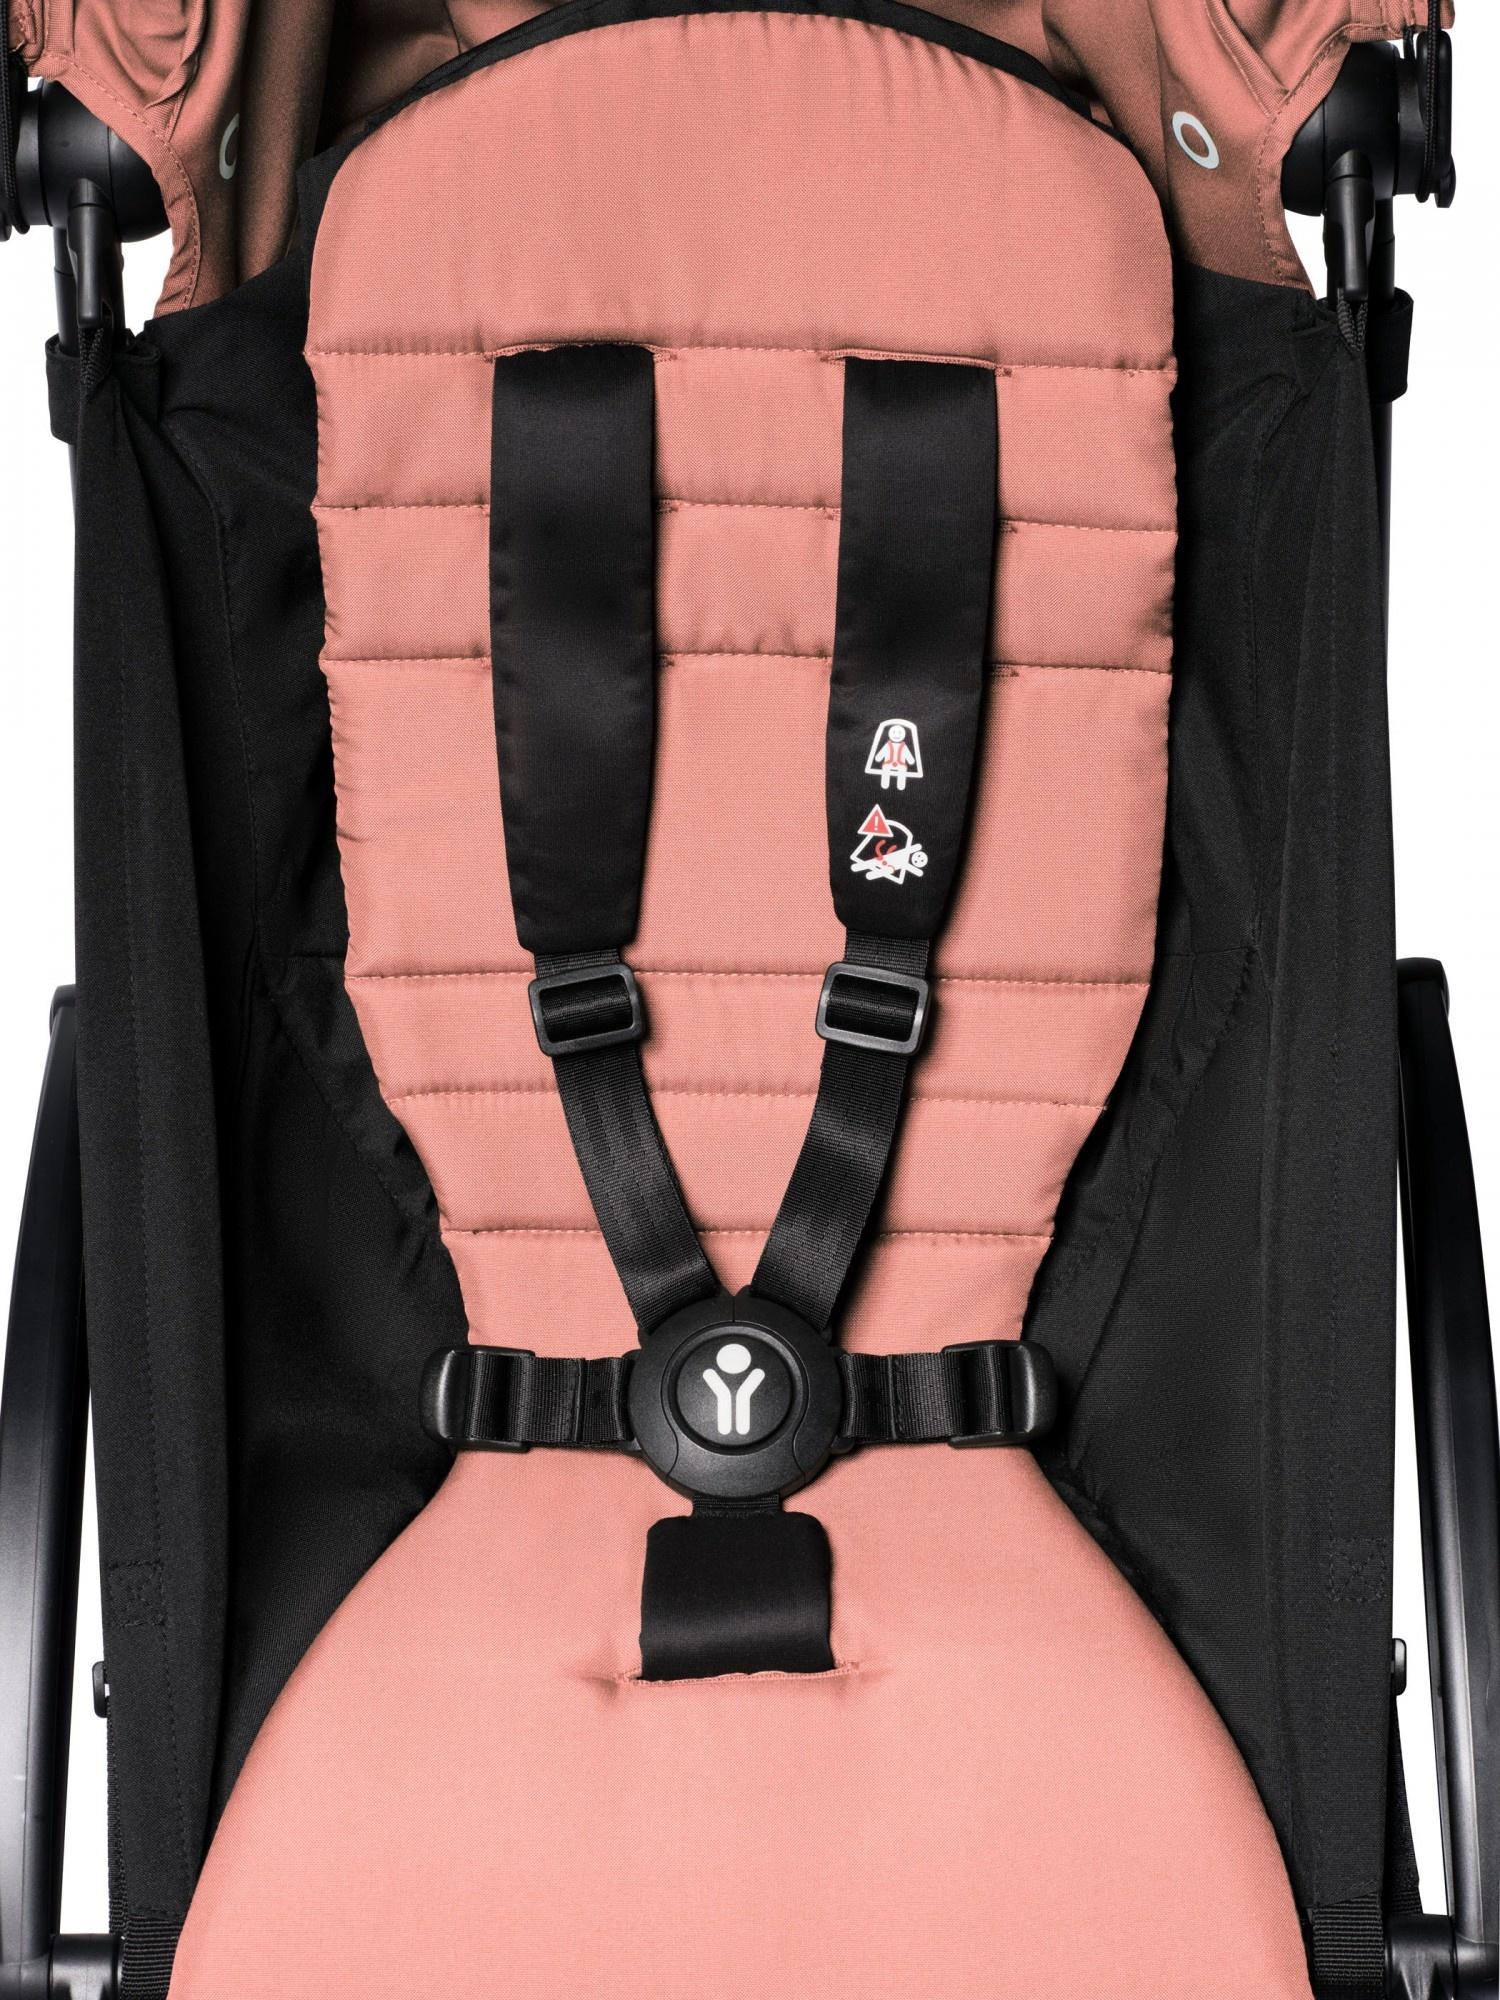 Babyzen Babyzen YOYO² Buggy KOMPLETT / VOLL SET 0+ und 6+ Ingwerrahmen weiß inkl. YOYO² BeSafe Autositz schwarz